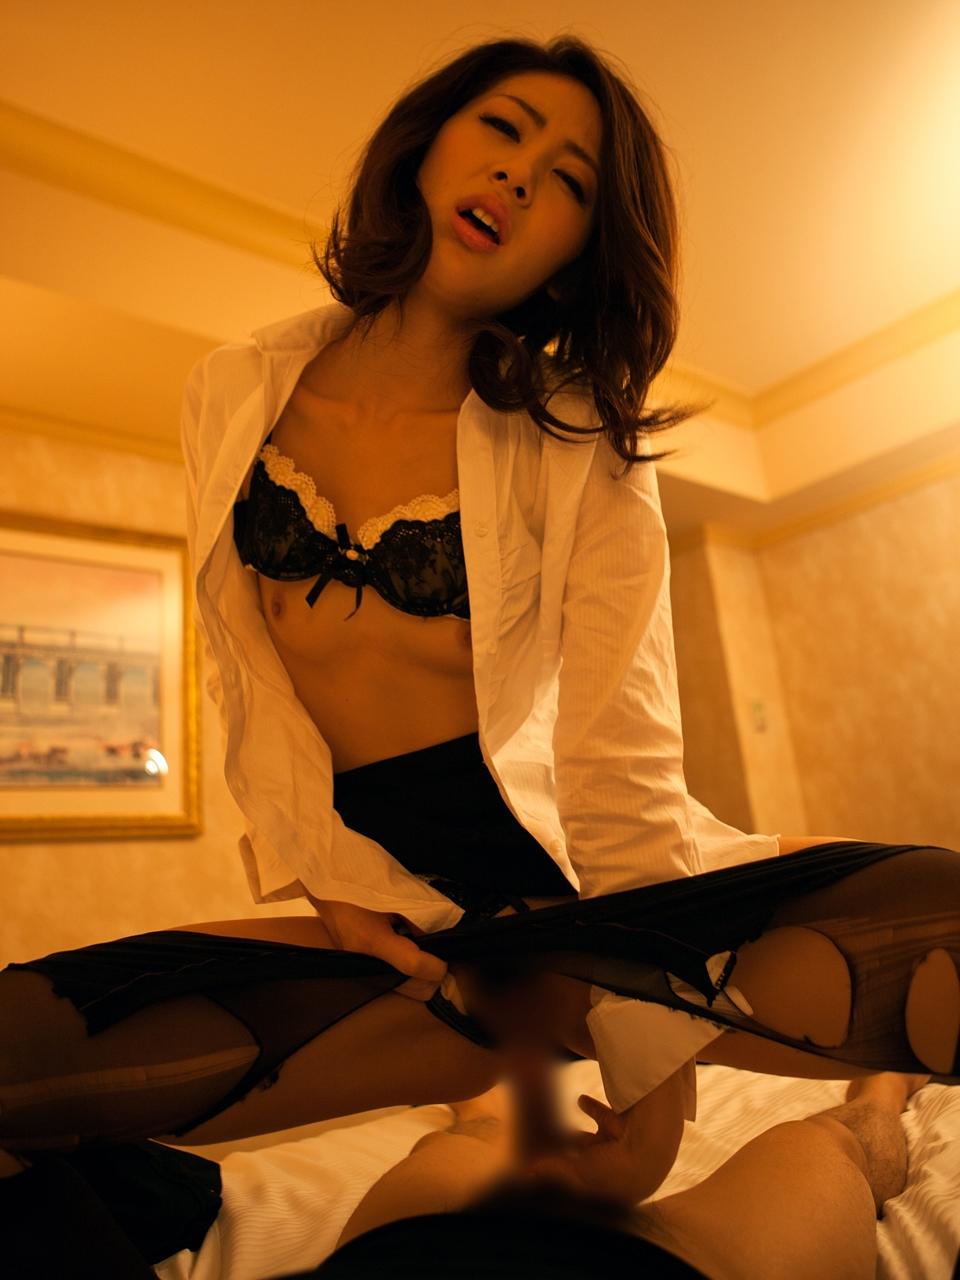 OLの胸の谷間やブラジャー着衣セックス中心の画像9枚目